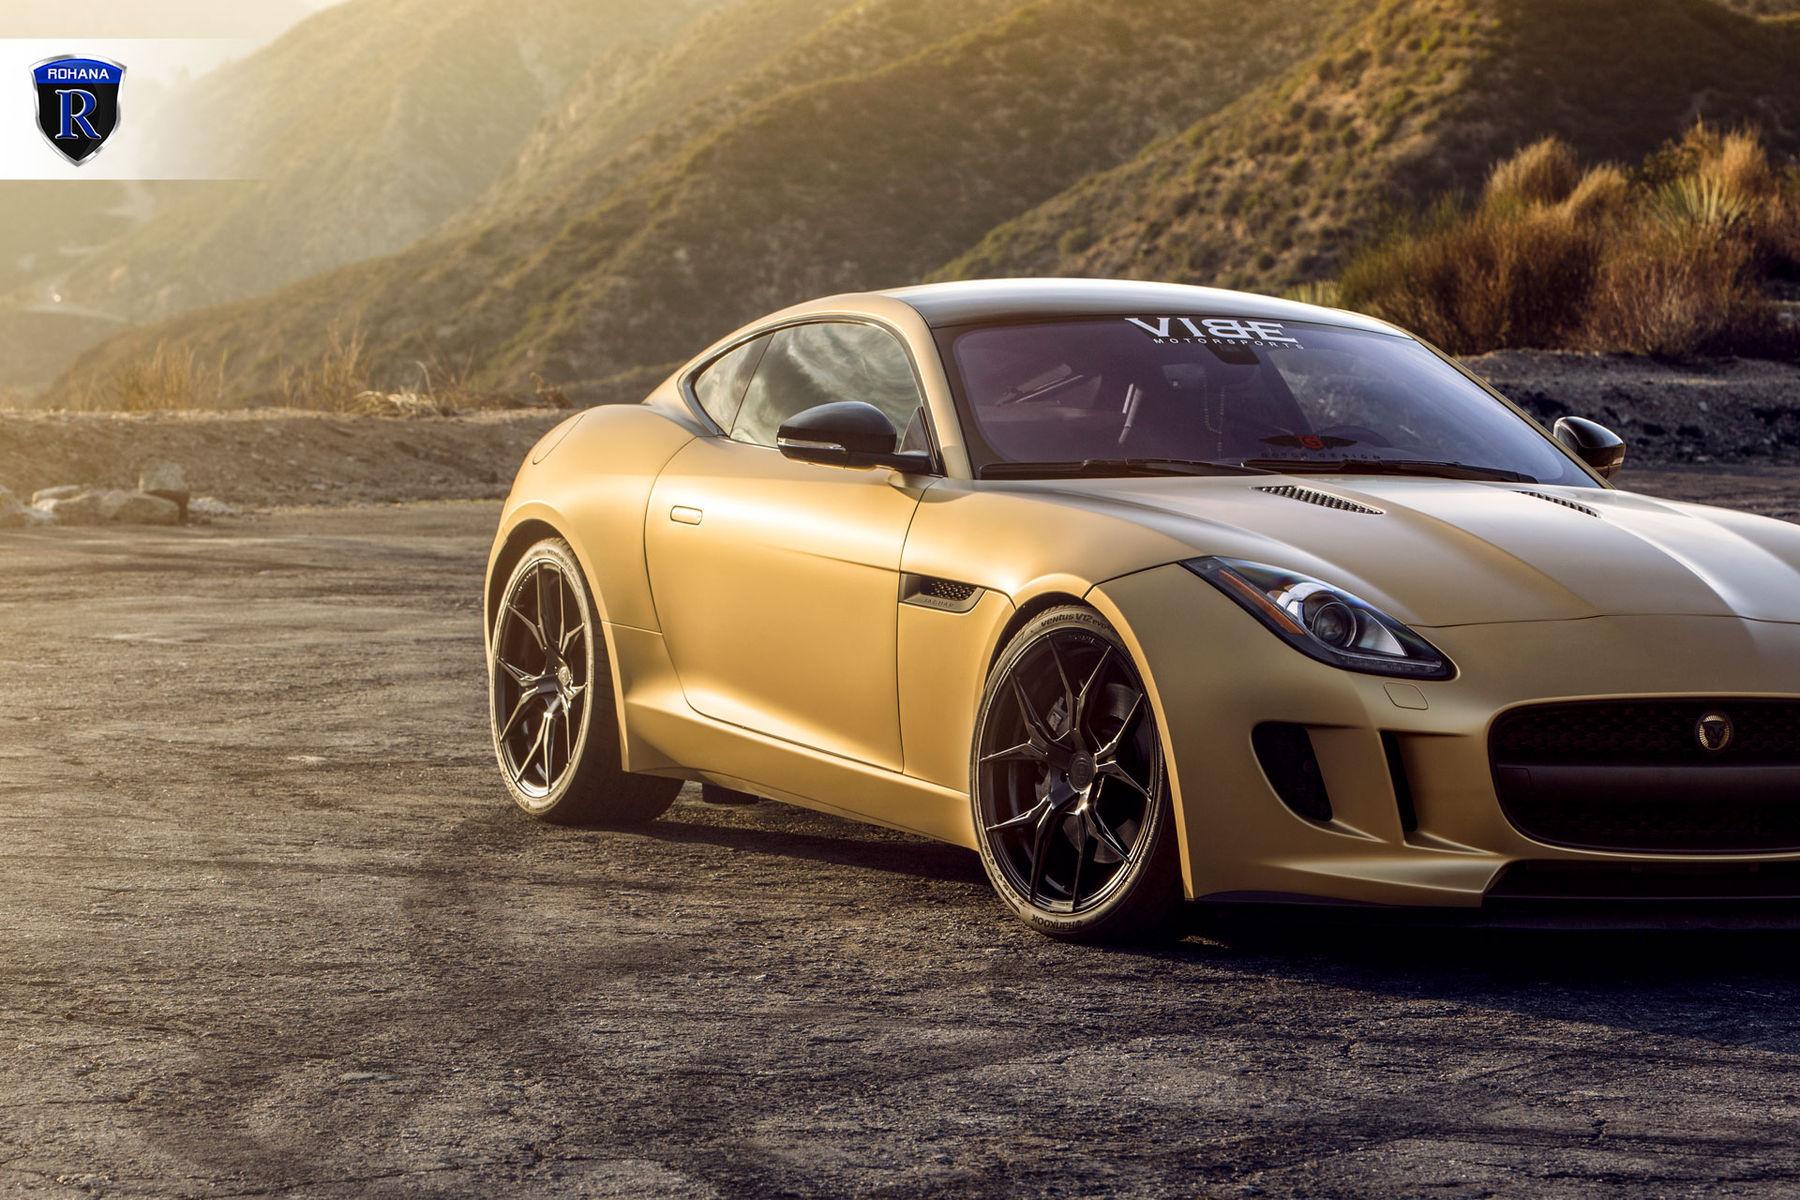 2016 Jaguar F-Type | Gold Jaguar F-Type - Passenger Side Shot